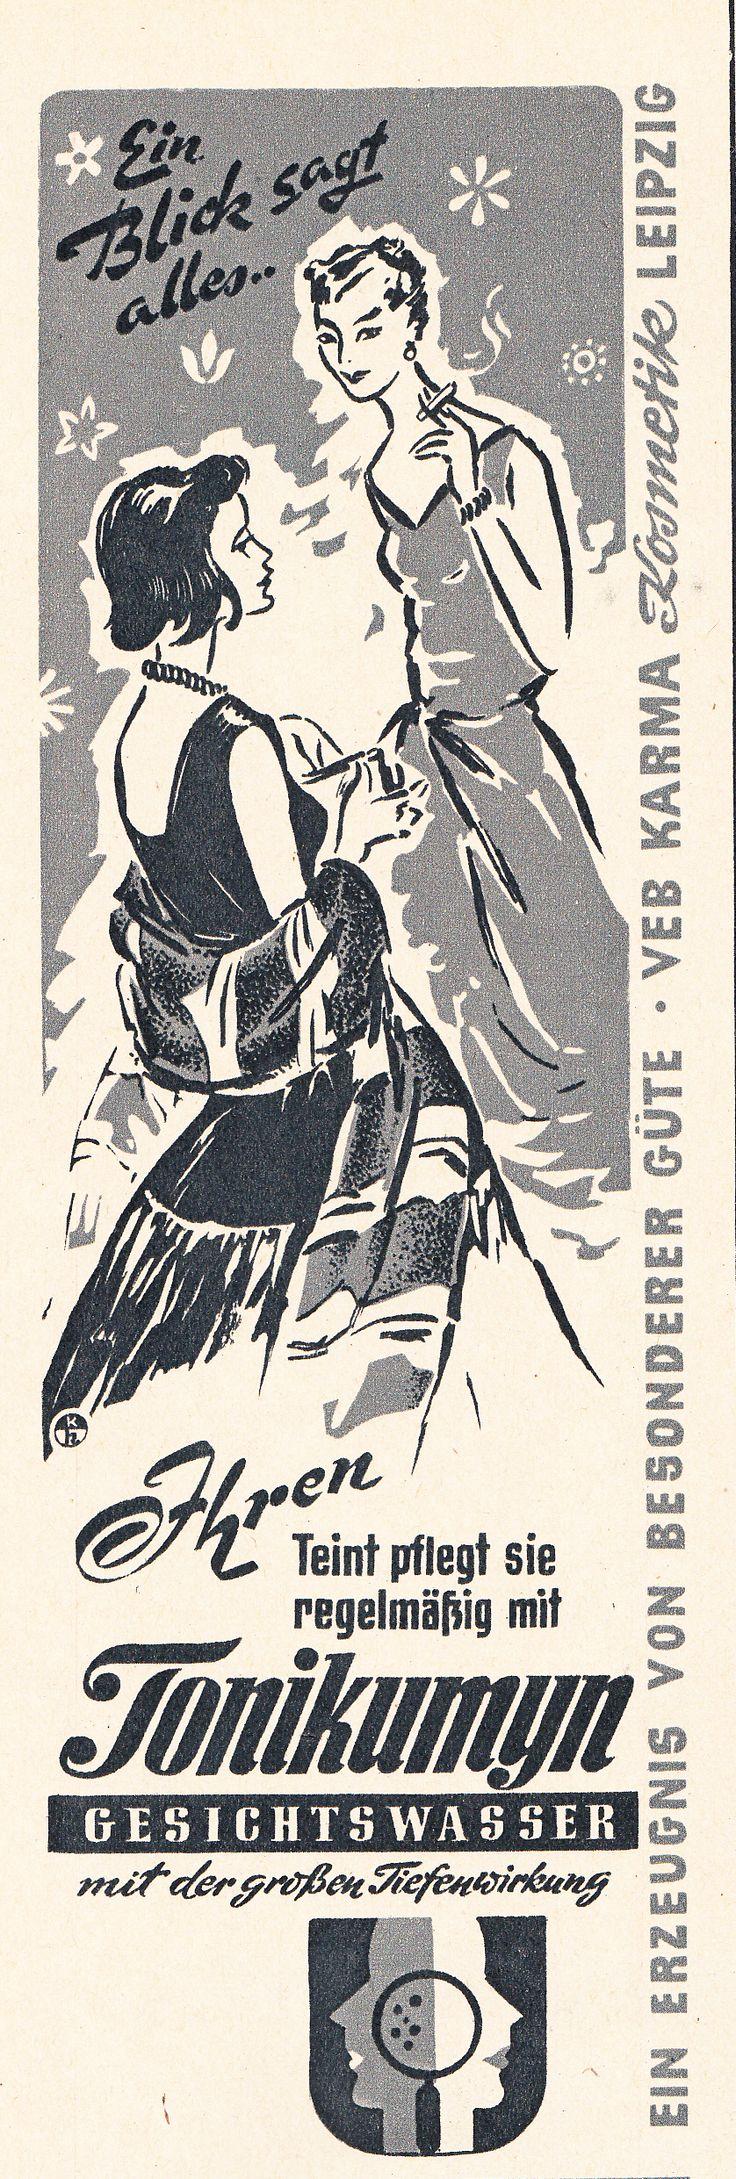 VEB Karma Kosmetik Leipzig, East German Ad, DDR Werbung 1961